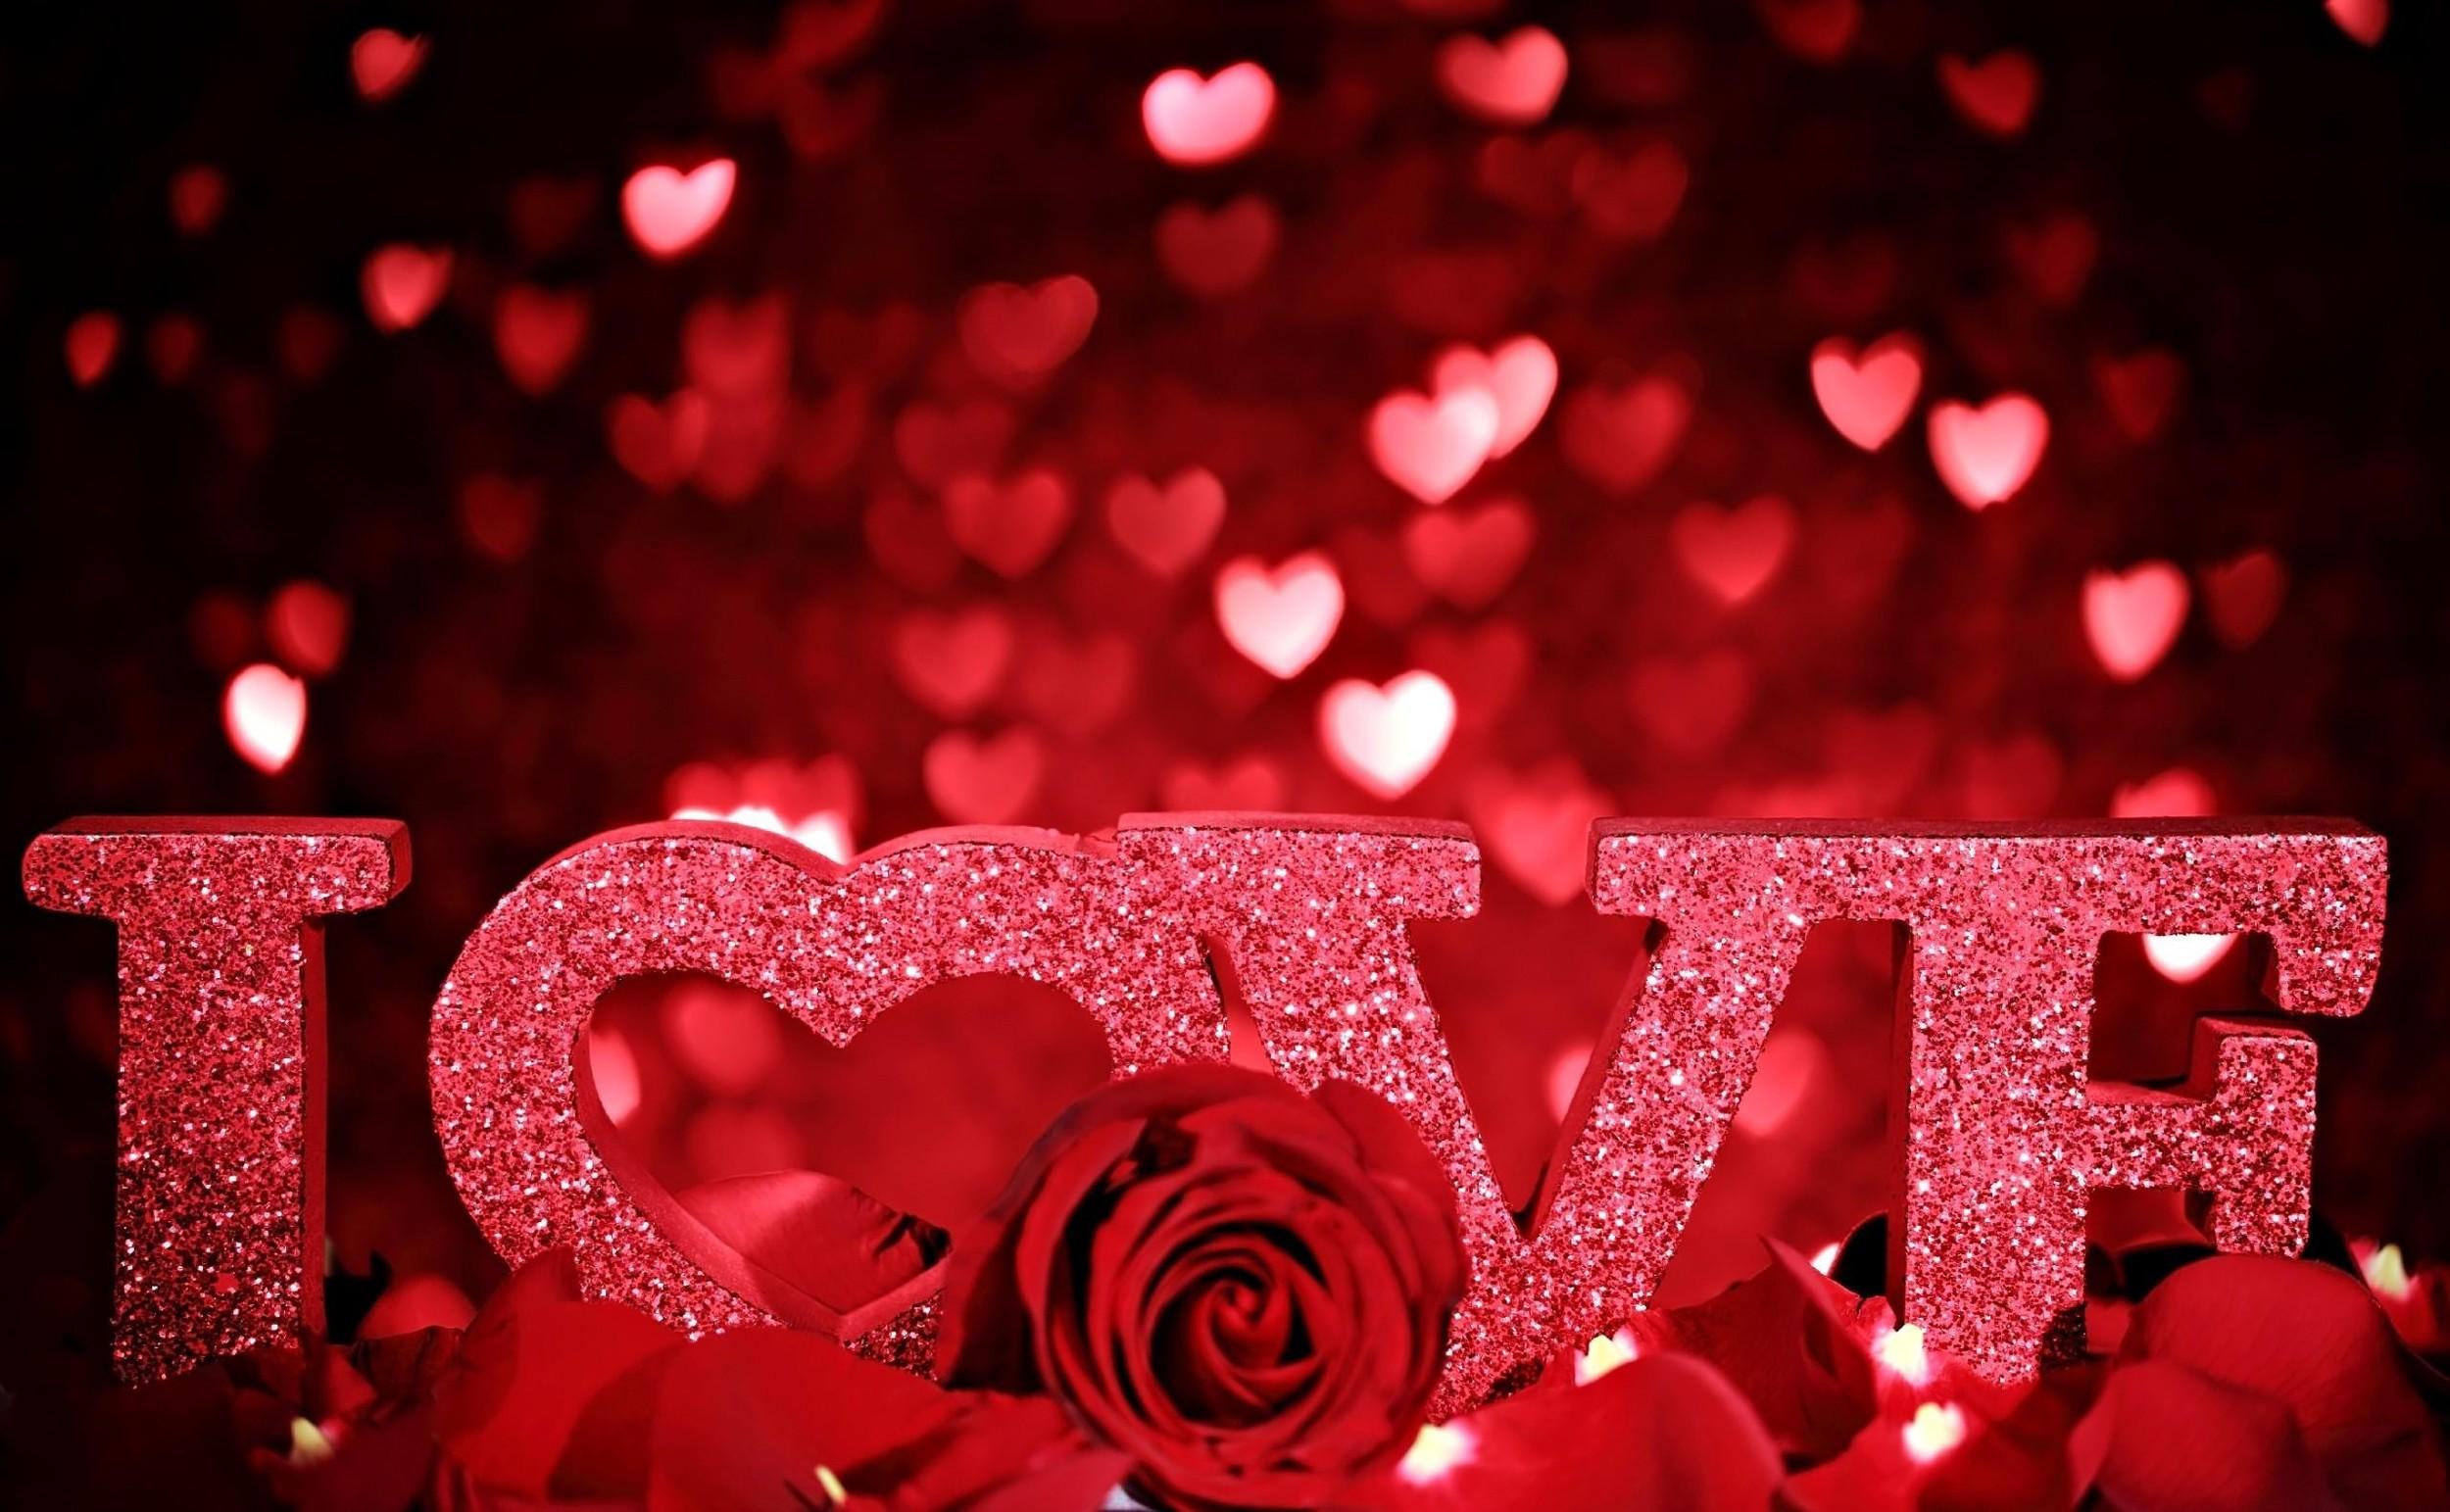 Image via  Wallpaperput.com